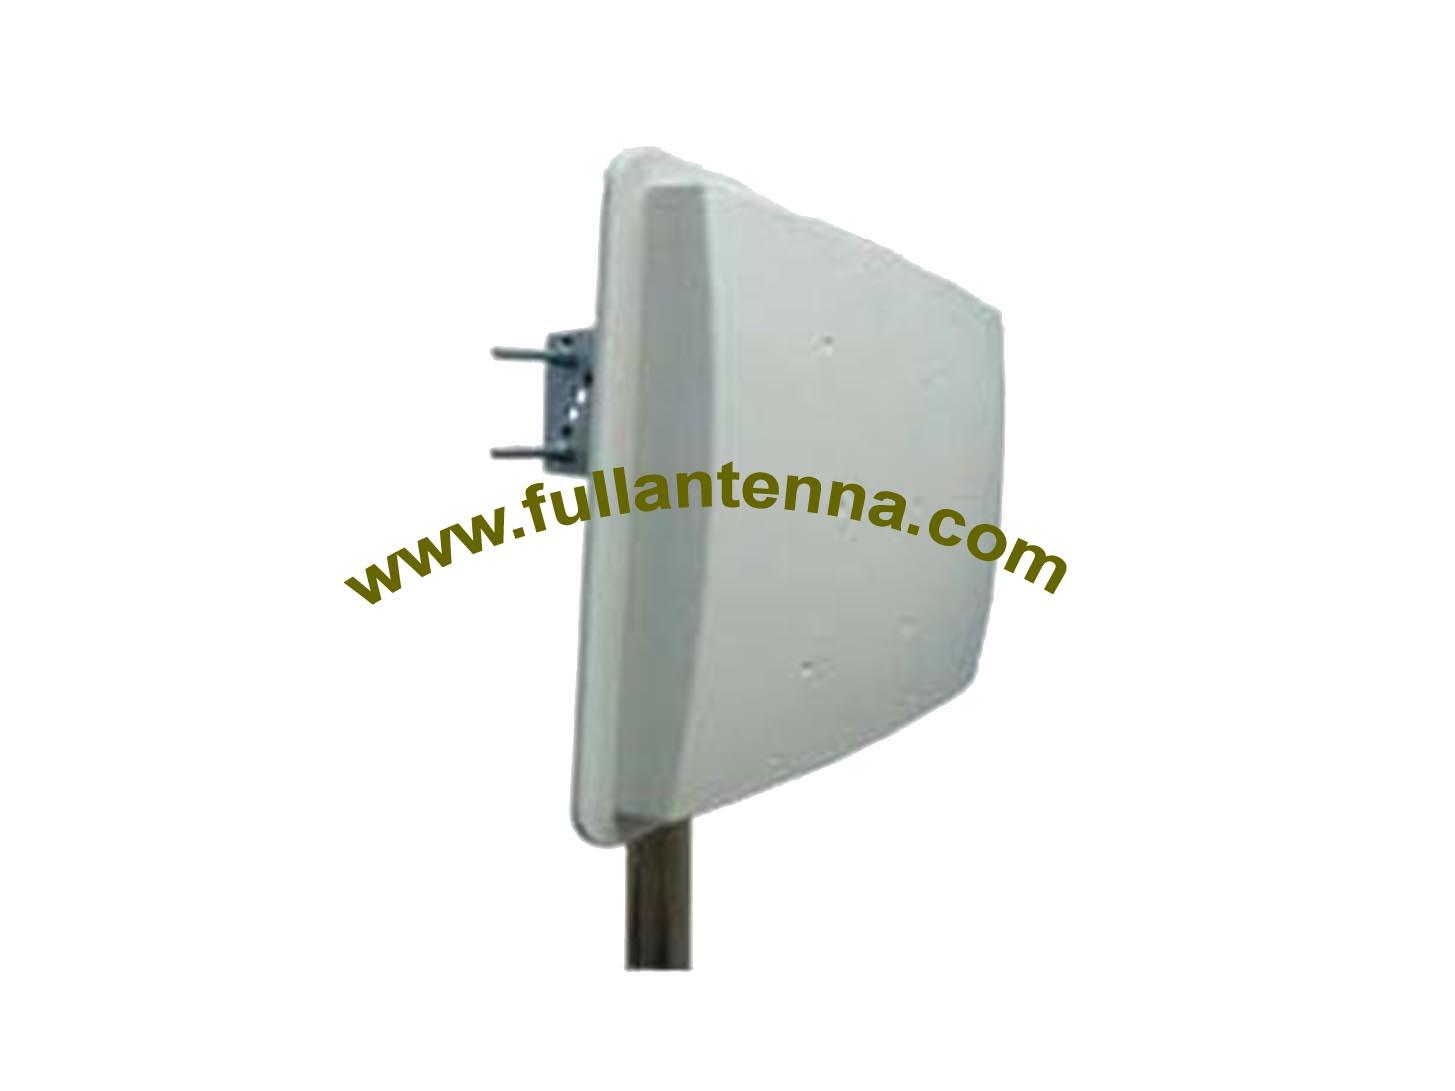 P/N:FA915.W08B,915Mhz Antenna,patch  RFID 8dbi Gain antenna with N female Bracket